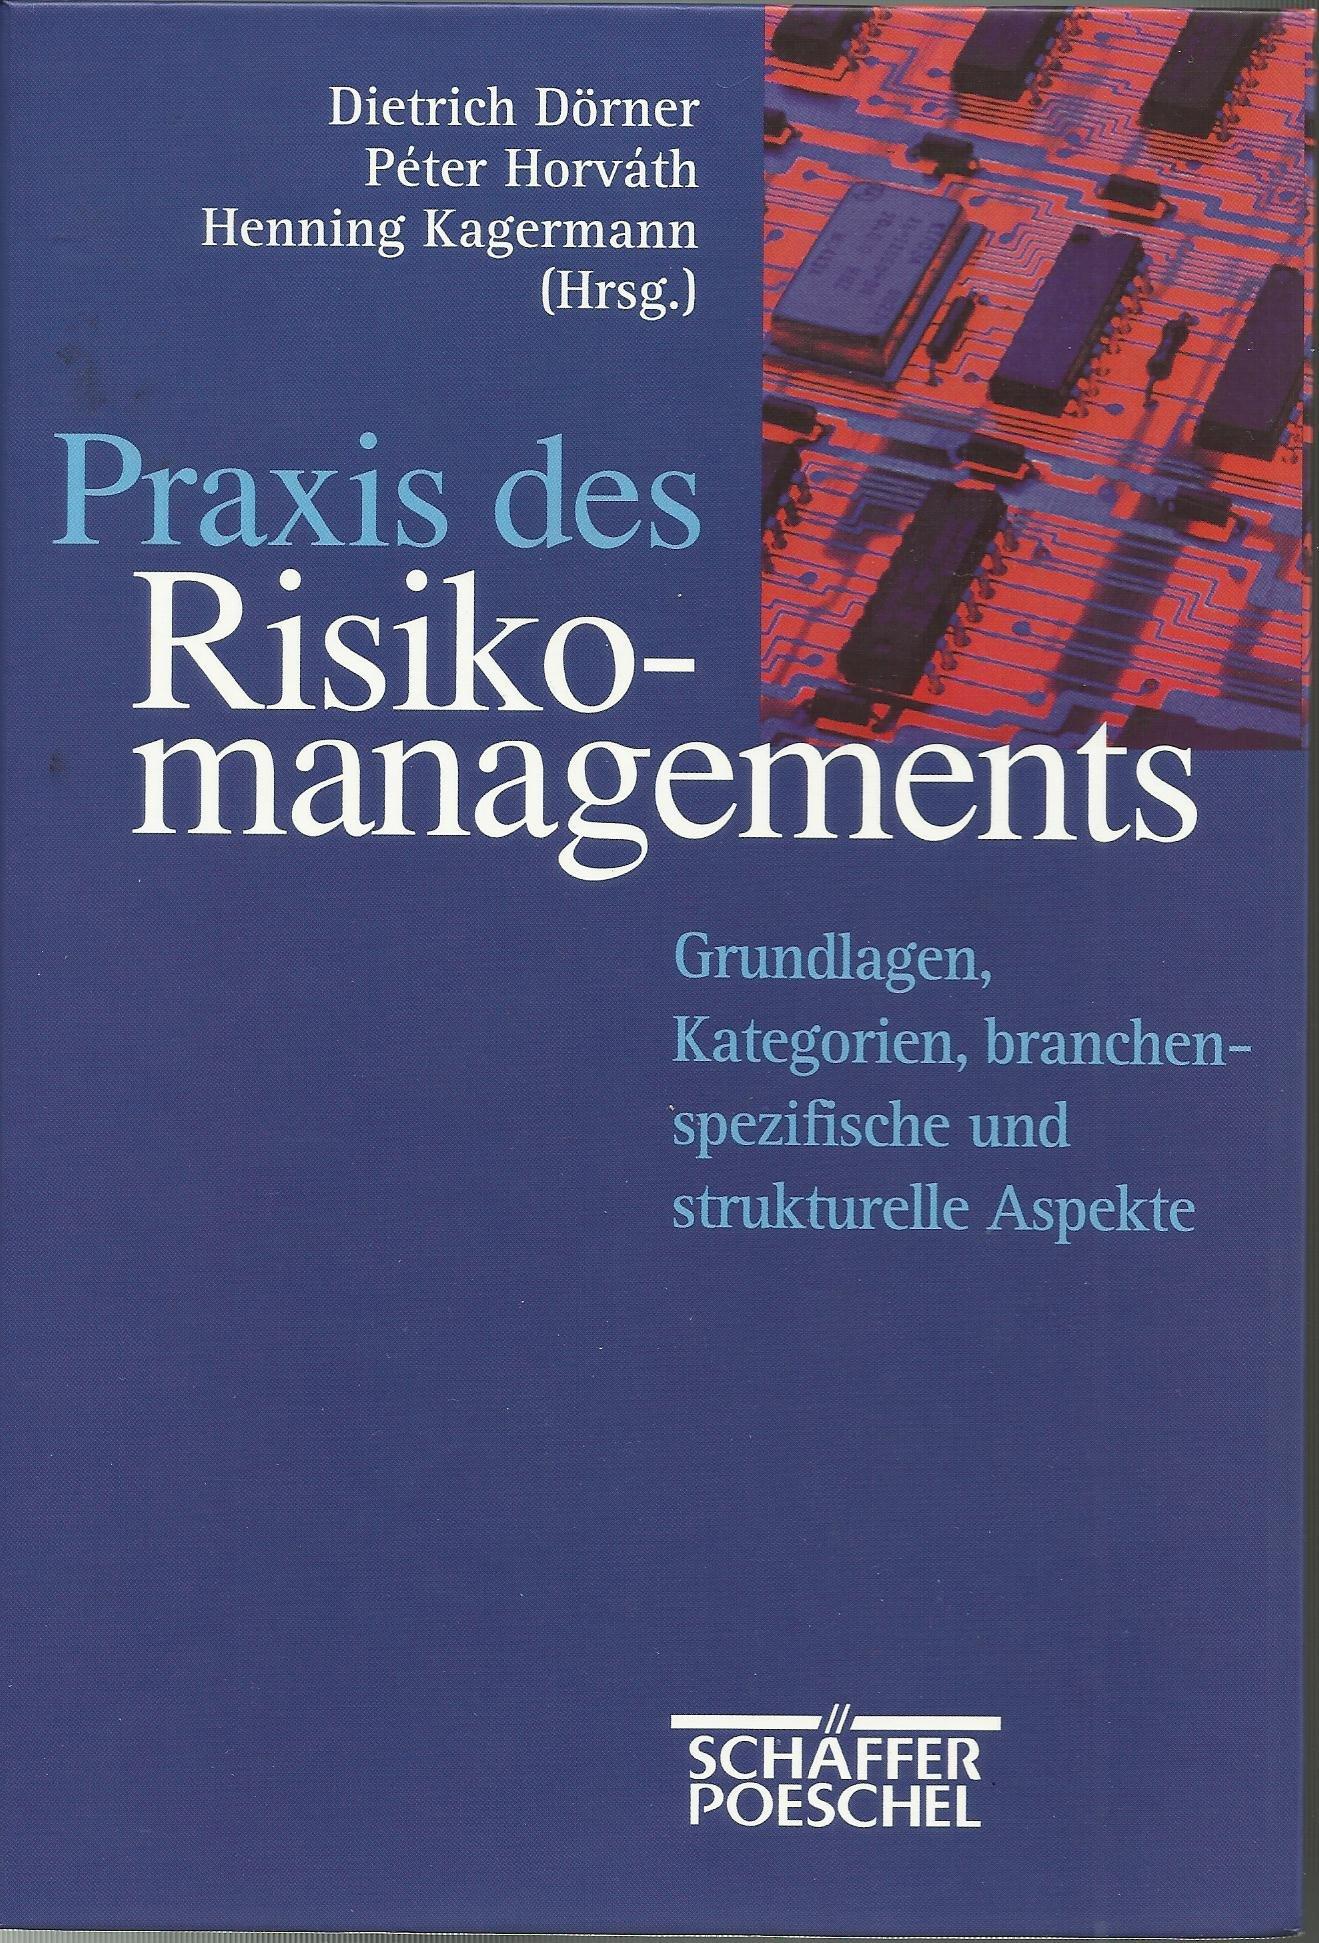 Praxis des Risikomanagements